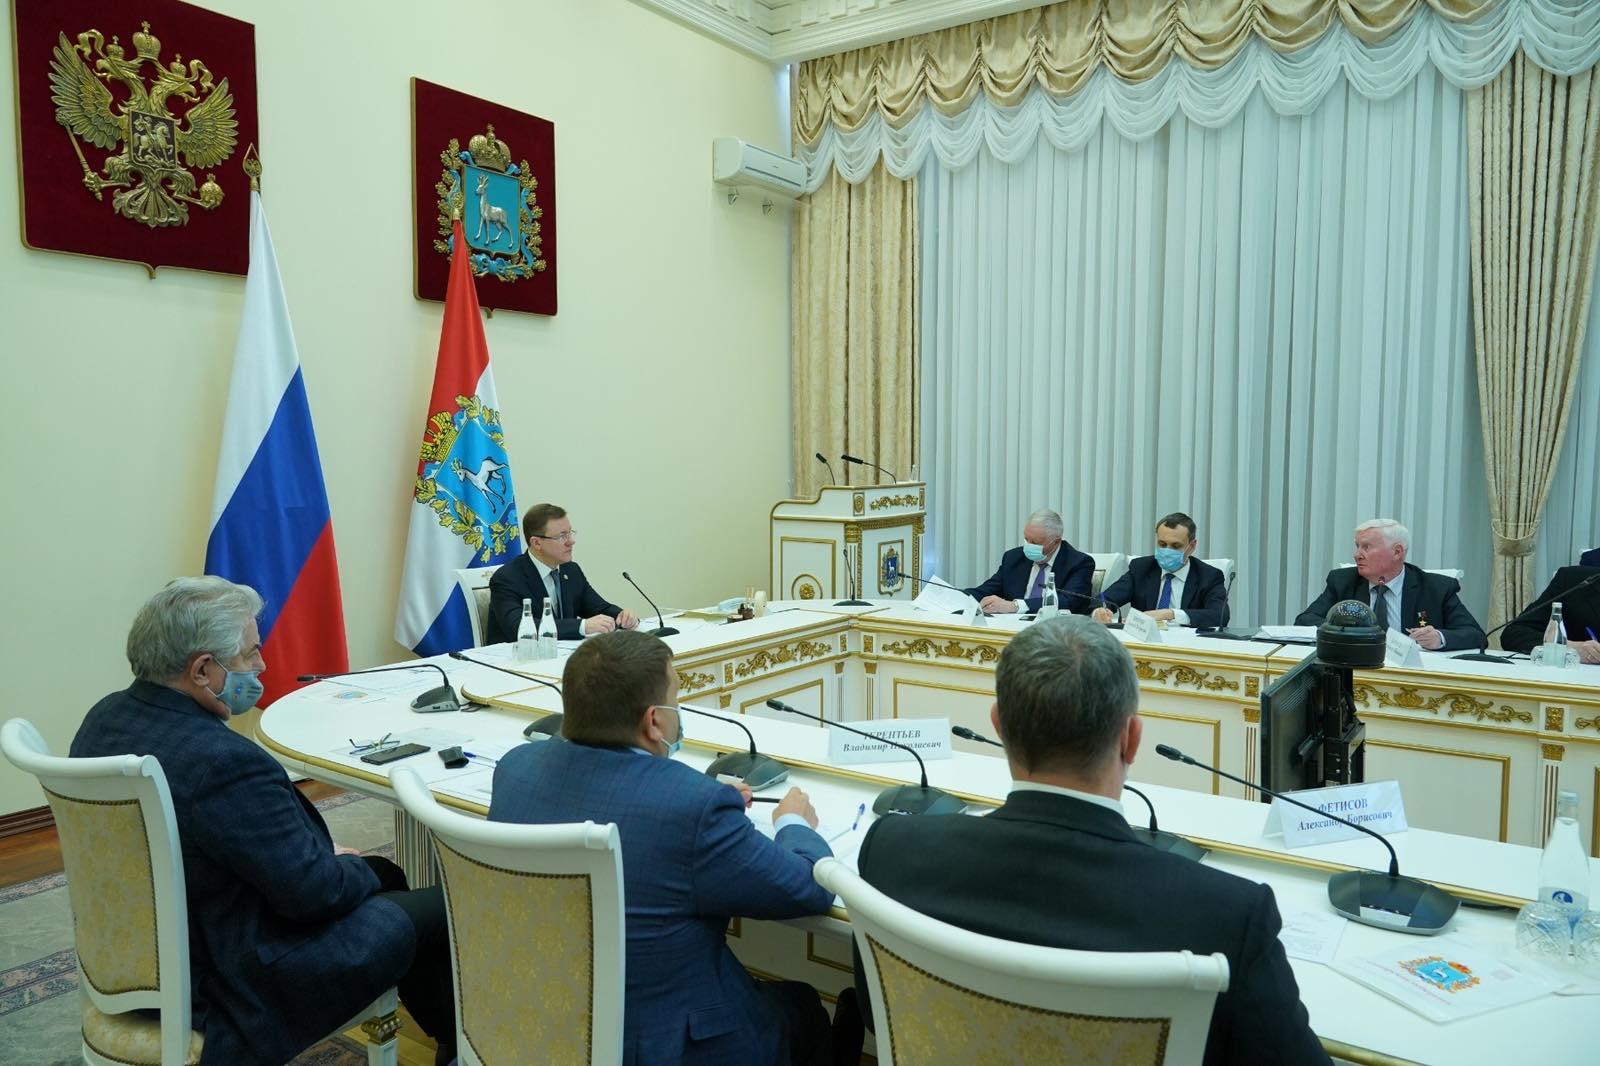 Праздник 9 мая и поддержка ветеранов: Дмитрий Азаров провел расширенное заседание оргкомитета «Победа»